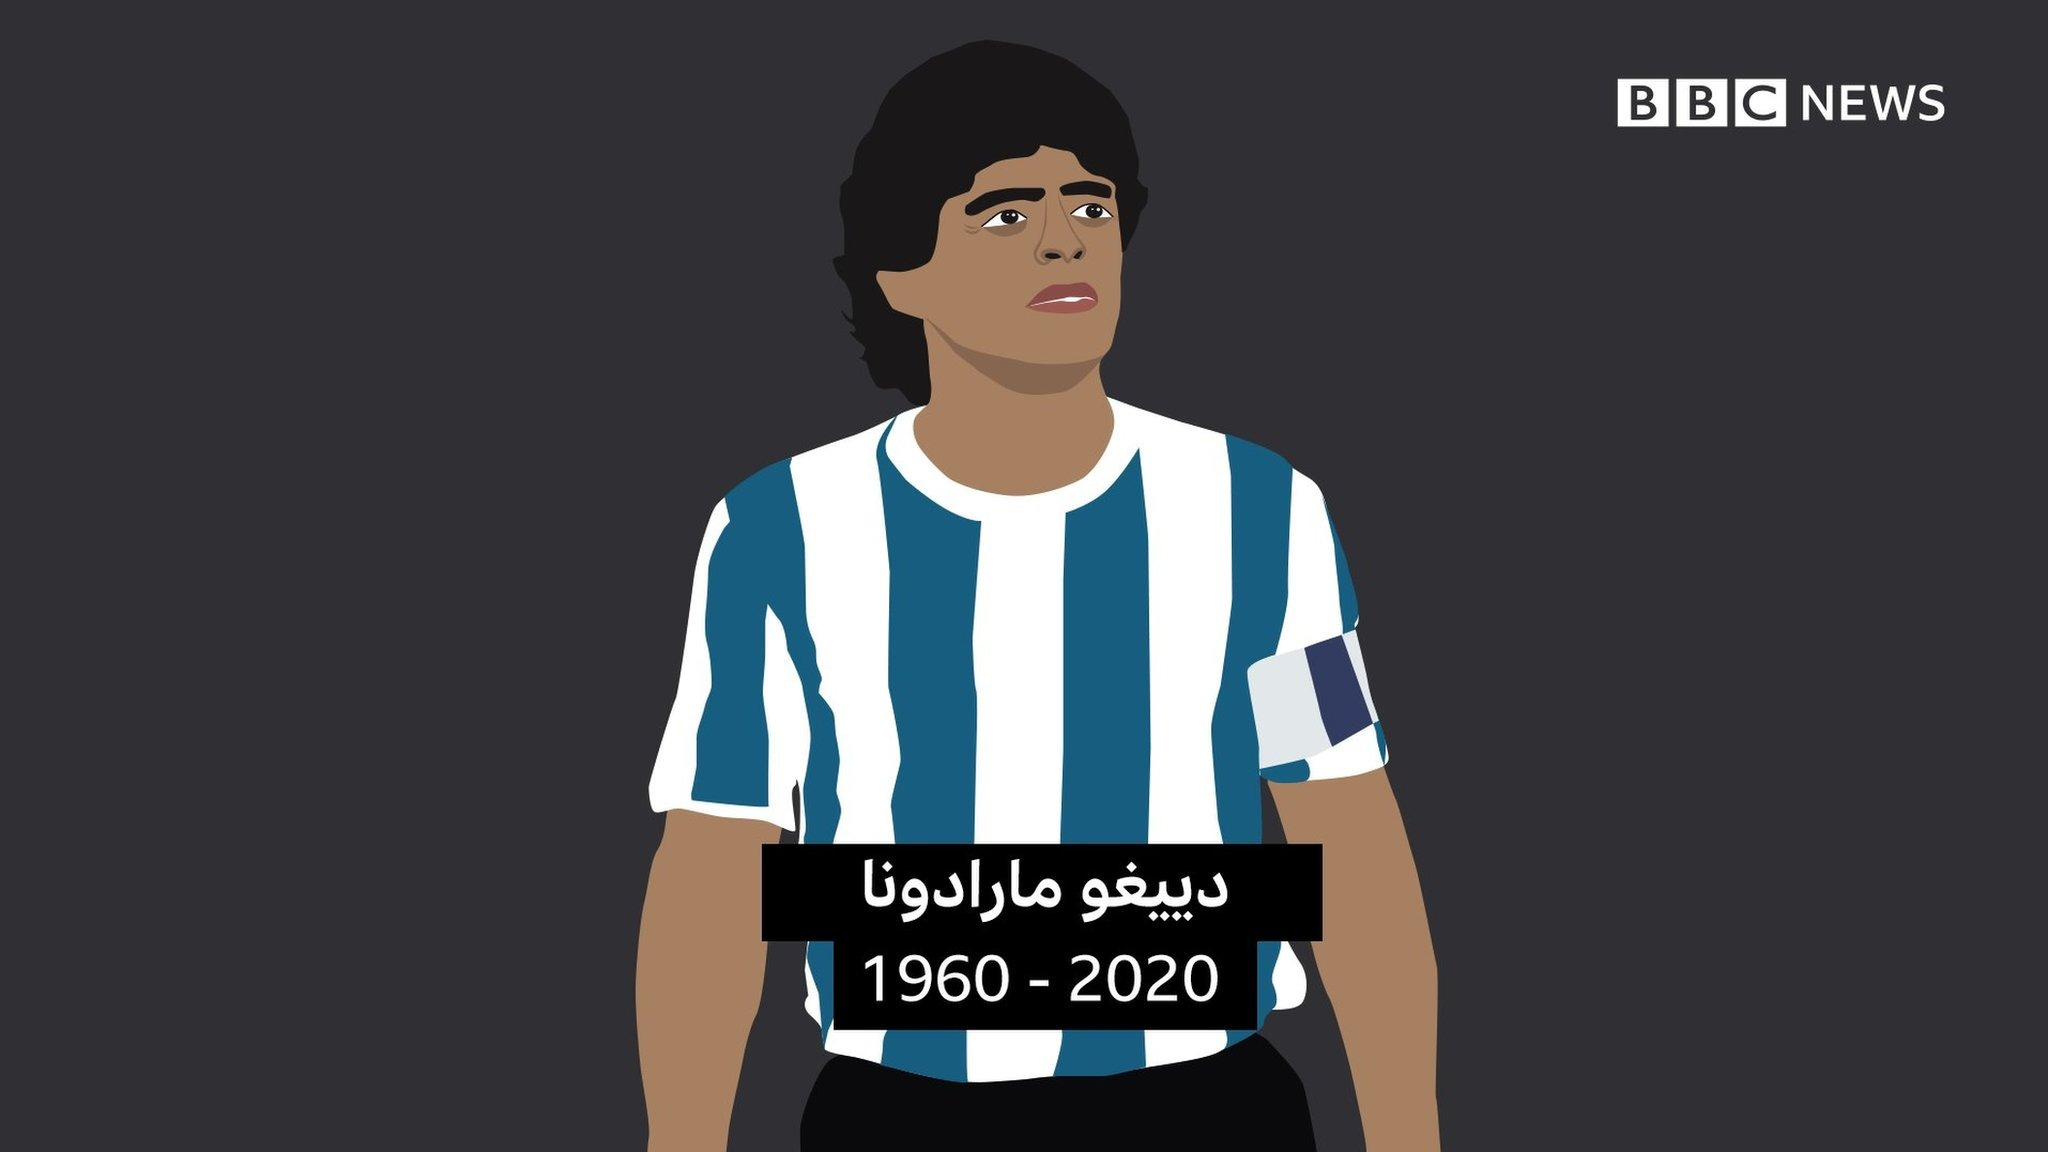 يعد مارادونا أحد أكثر لاعبي كرة القدم موهبة في تاريخ اللعبة